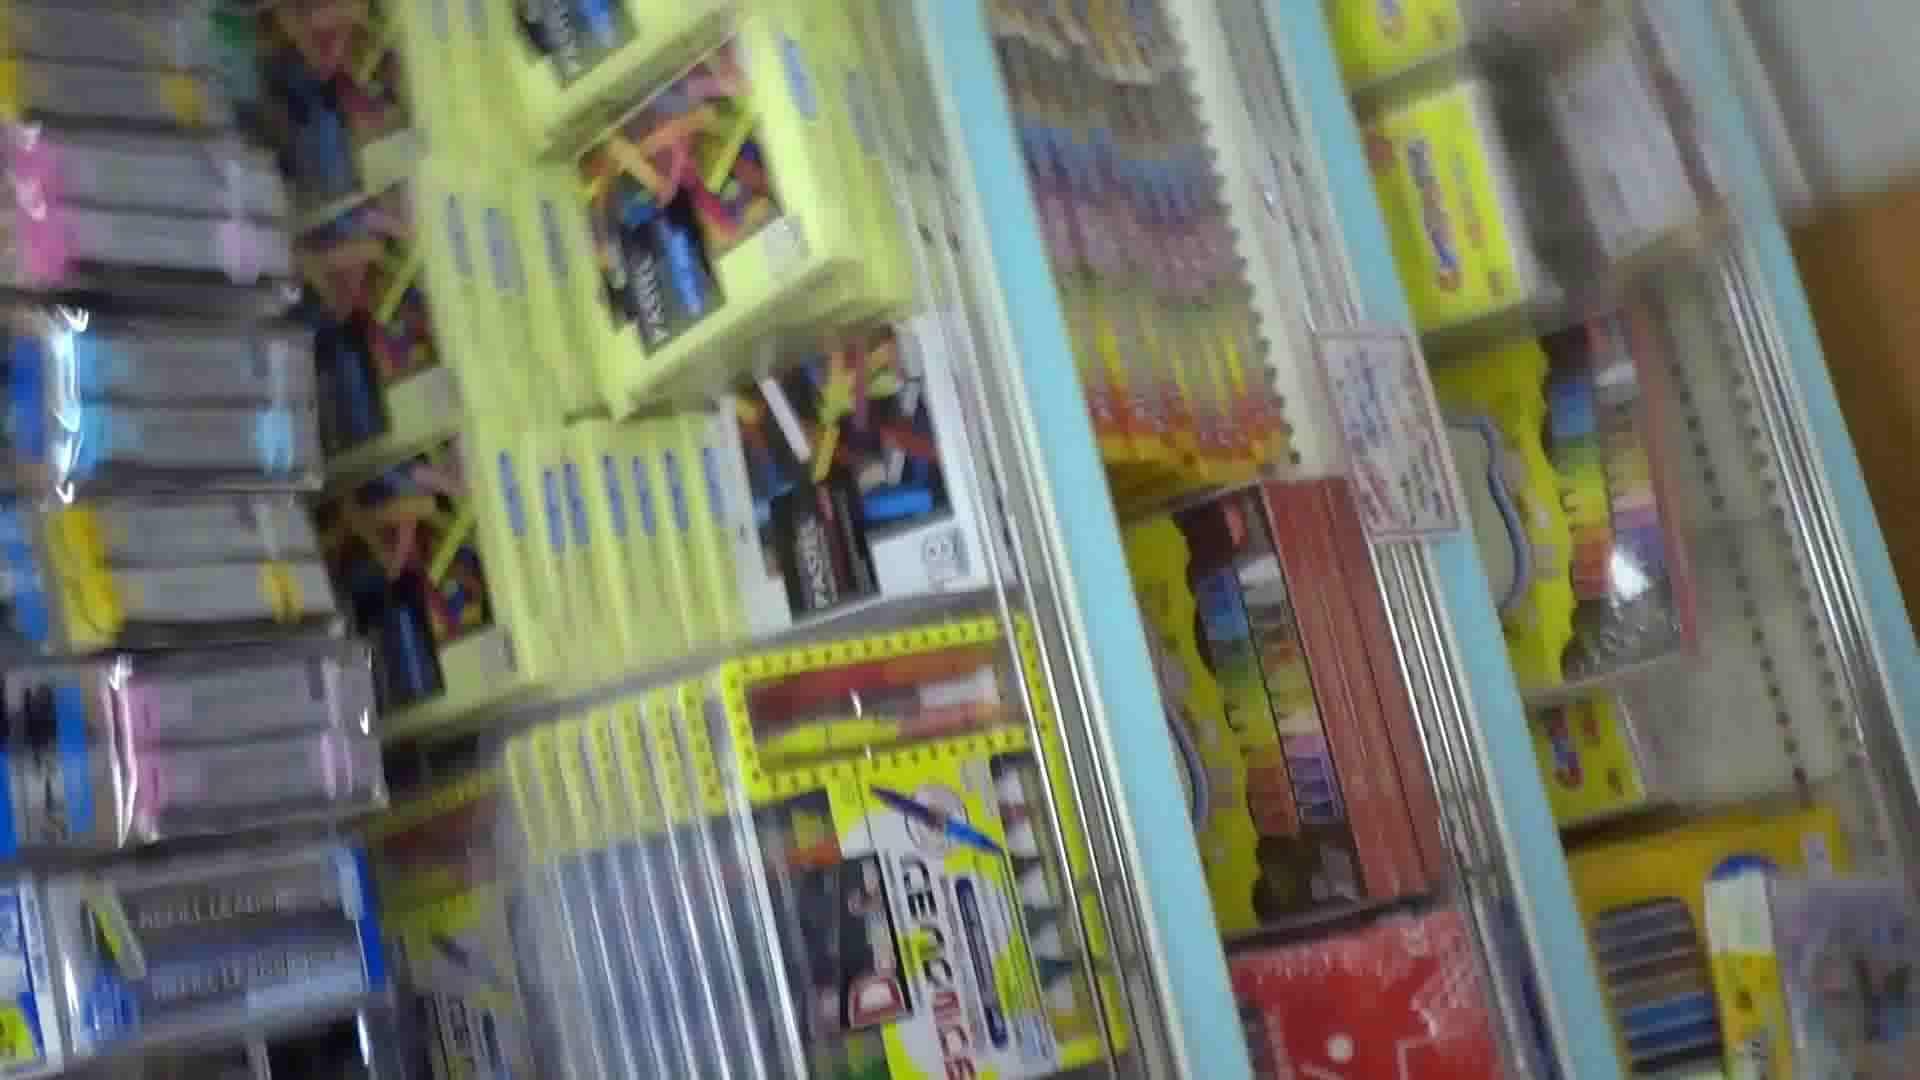 近所のお店は危険がイッパイ vol.8 OLセックス   0  88画像 87